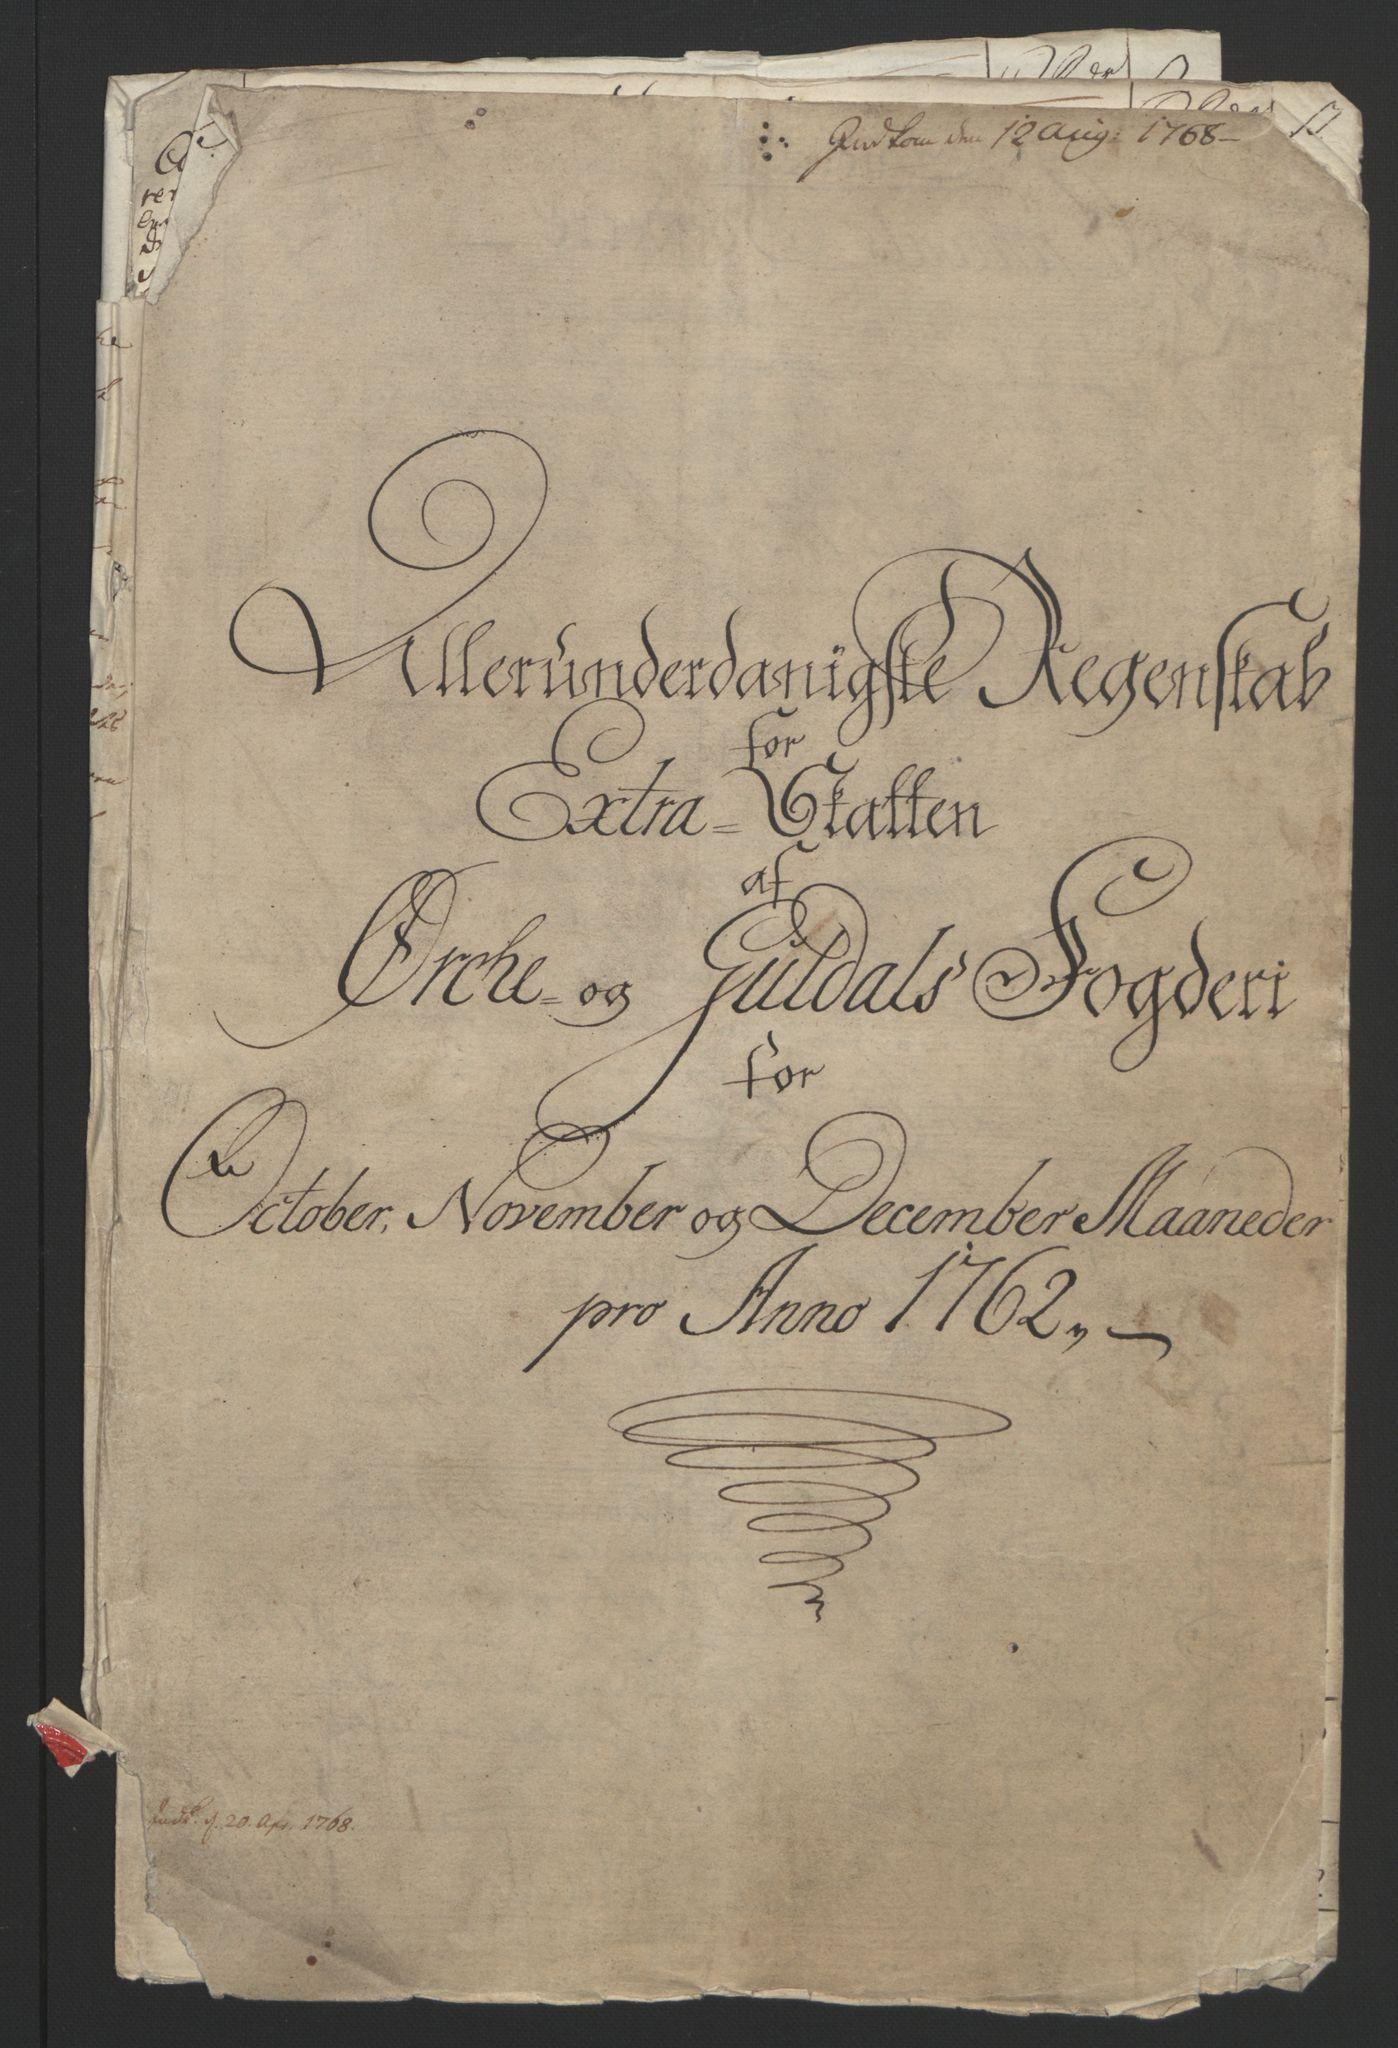 RA, Rentekammeret inntil 1814, Reviderte regnskaper, Fogderegnskap, R60/L4094: Ekstraskatten Orkdal og Gauldal, 1762-1765, s. 6